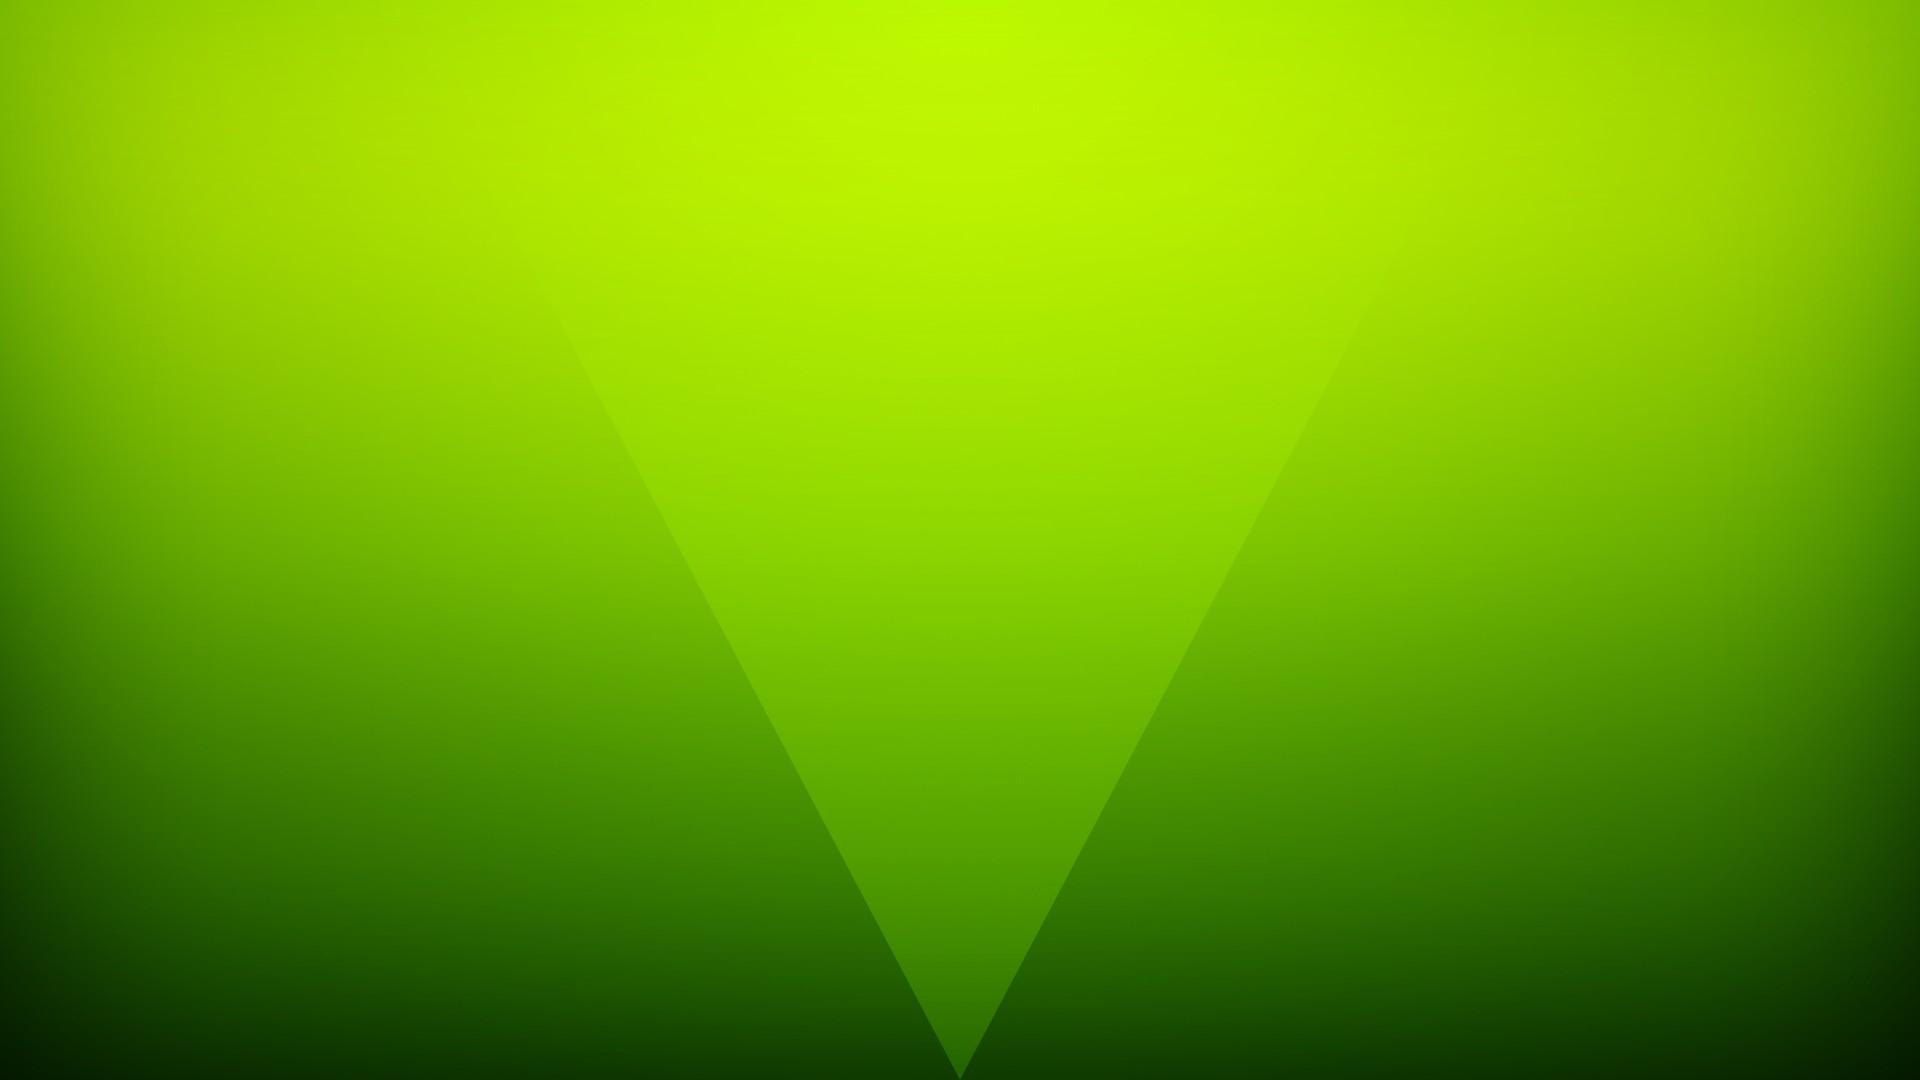 デスクトップ壁紙 19x1080 Px 明るい 緑 単純な 三角形 19x1080 Wallpaperup デスクトップ壁紙 Wallhere